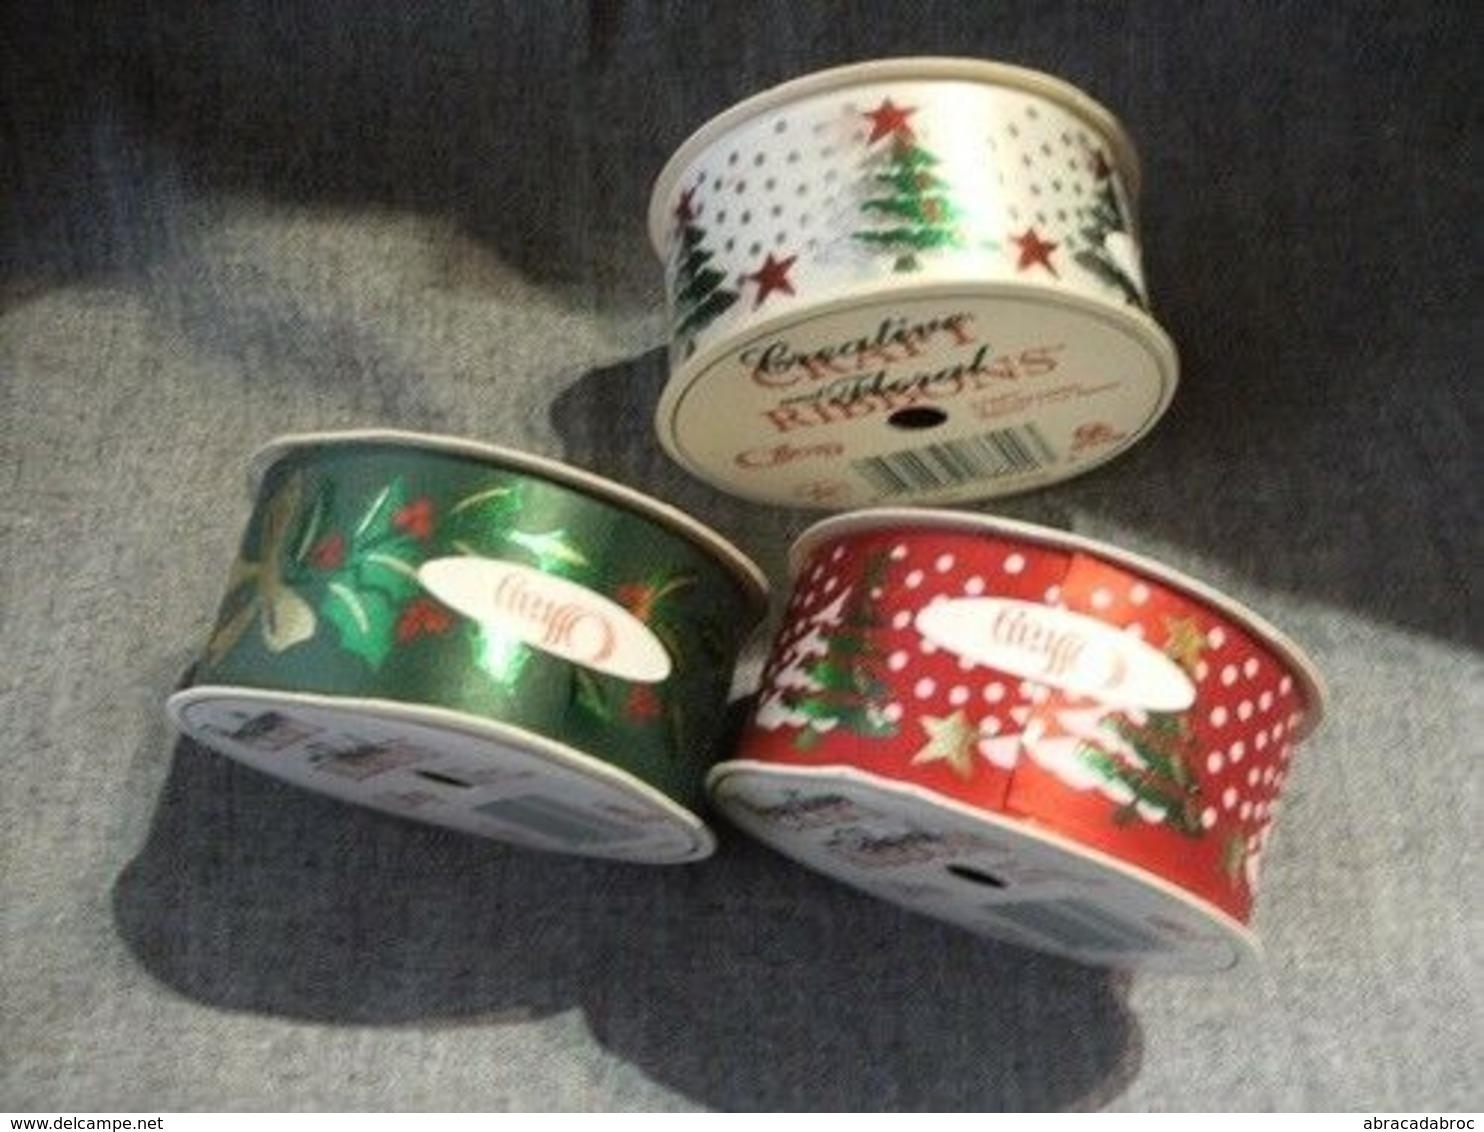 Produits Rubans Decorations Pour Fetes - Noel - Etat Neuf - Kerstversiering